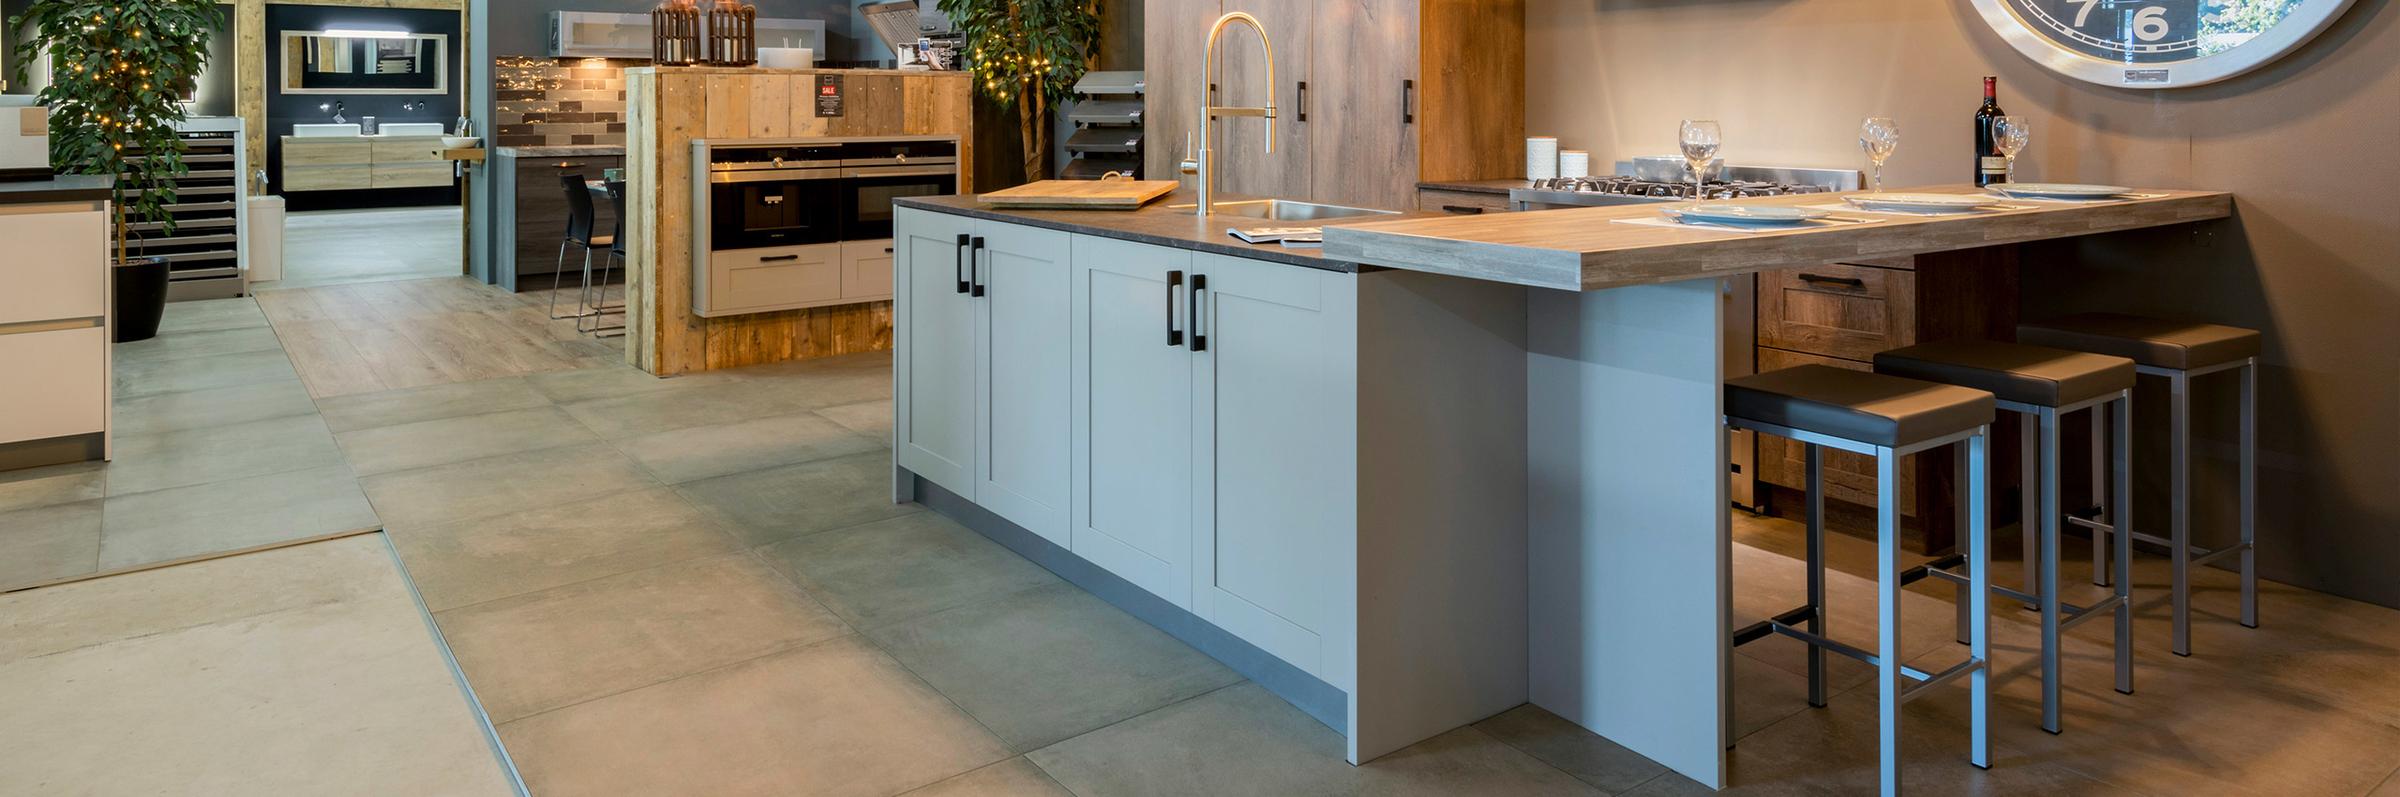 Keukens en tegels - Keukens en tegels